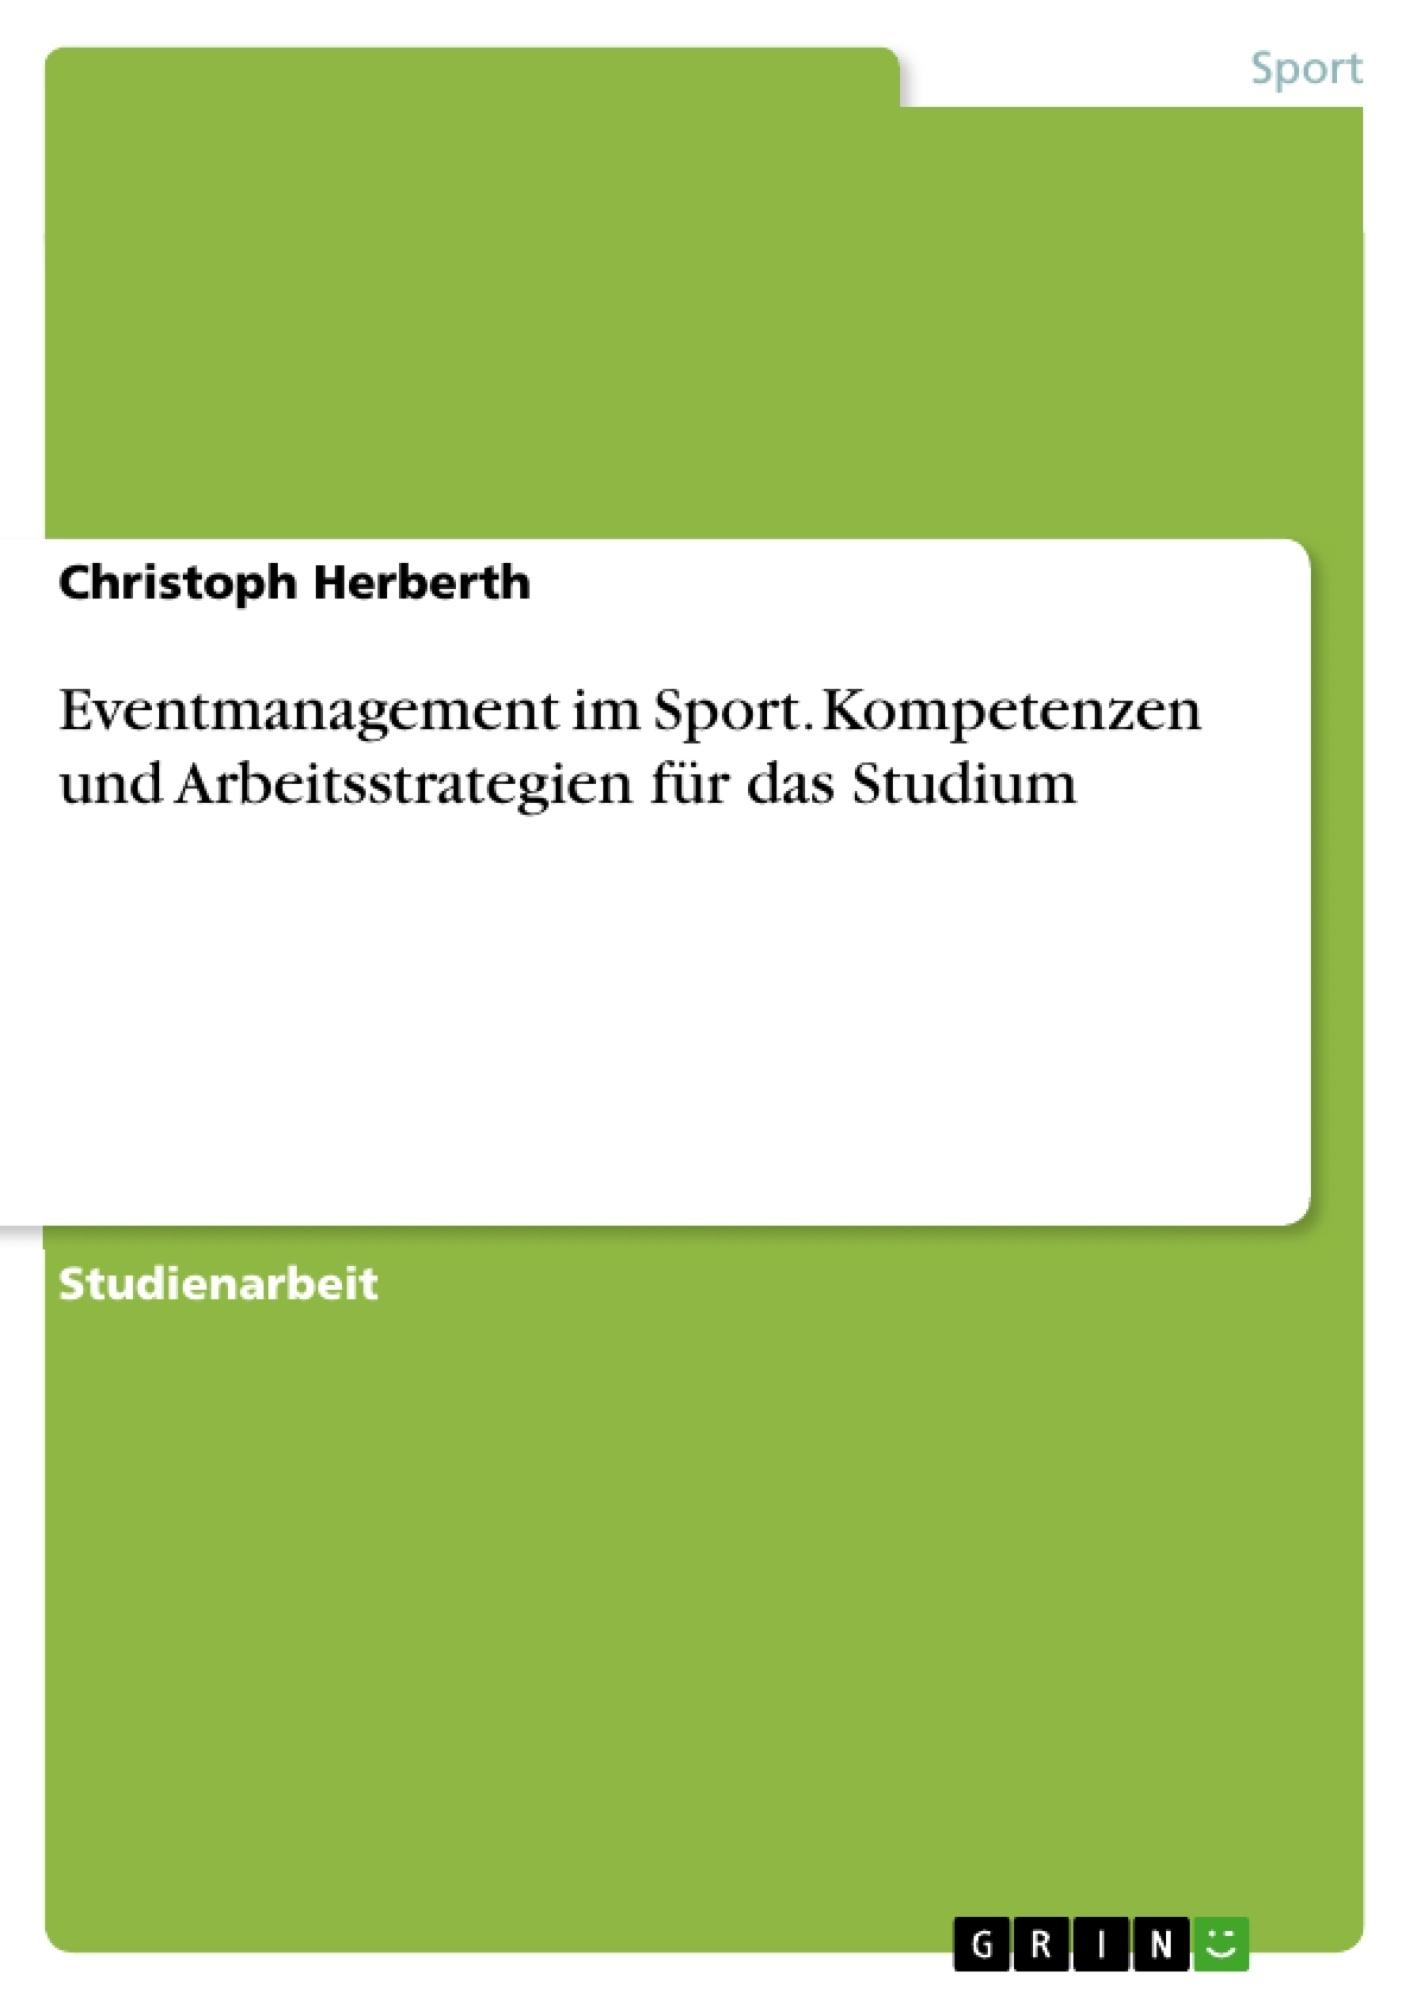 Titel: Eventmanagement im Sport. Kompetenzen und Arbeitsstrategien für das Studium